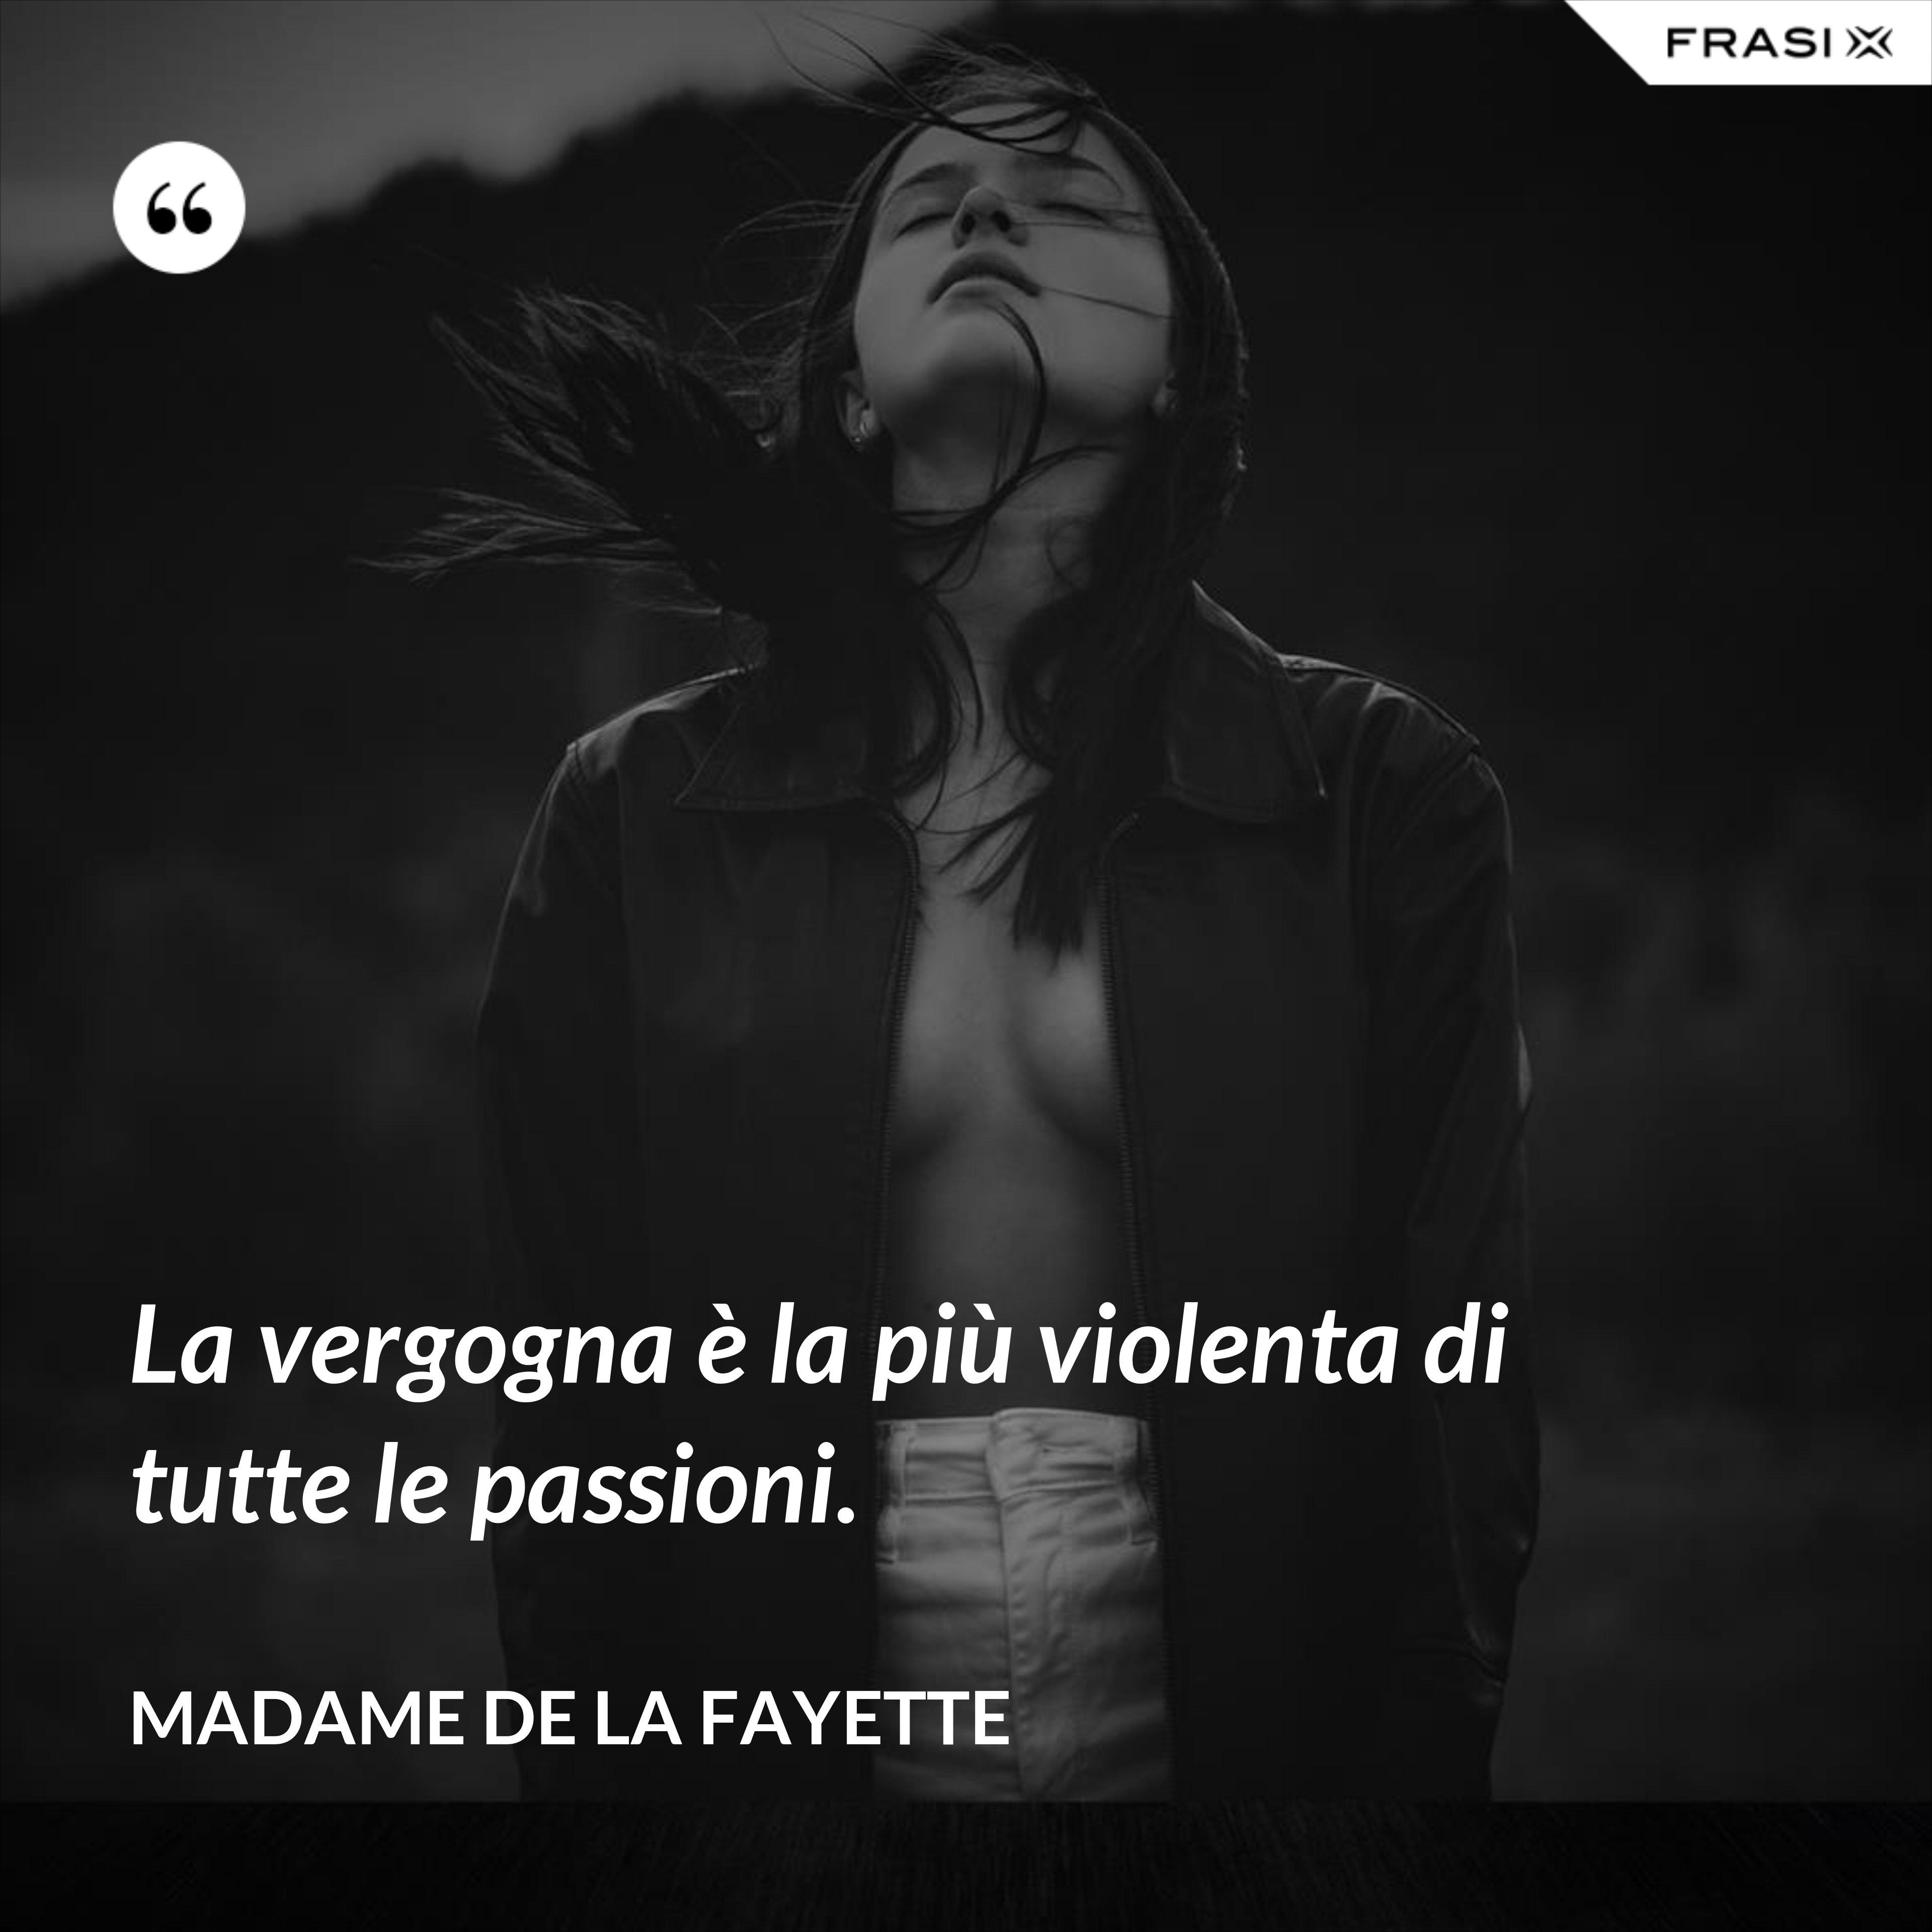 La vergogna è la più violenta di tutte le passioni. - Madame de La Fayette